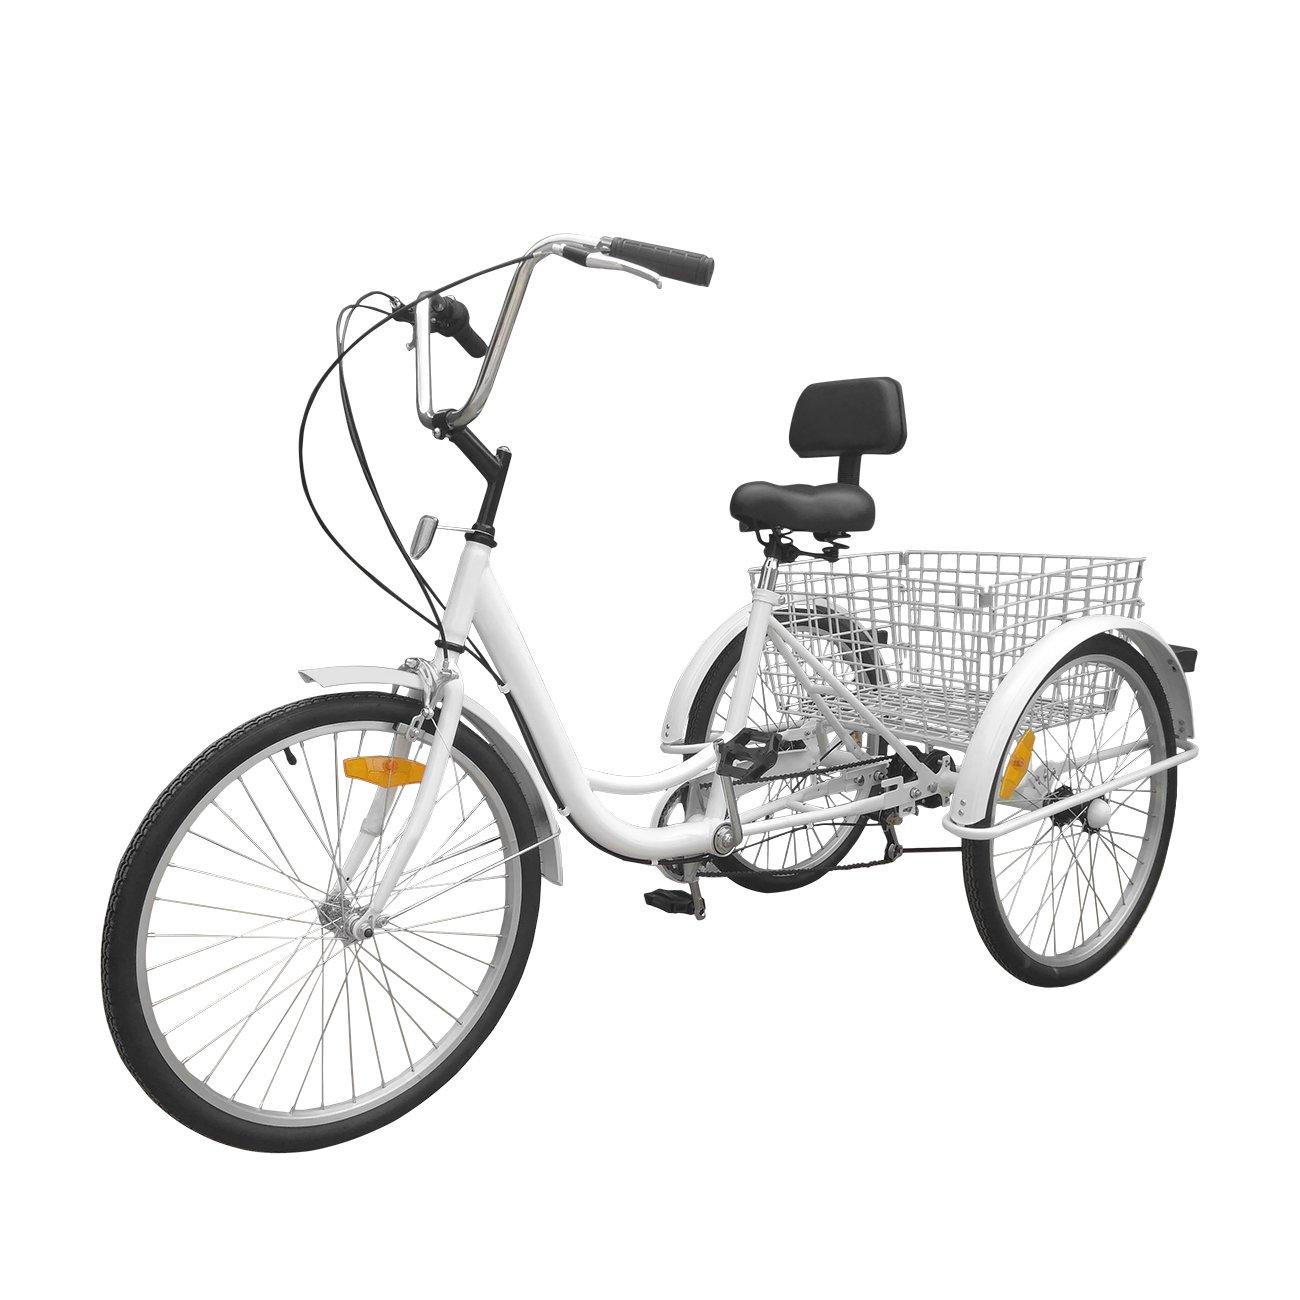 Paneltech 24  6 Vitesses Gears 3 Roue Tricycle Adulte V/élo pour Adultes Confort V/élo Sports de plein air Ville Panier de v/élo urbain inclus